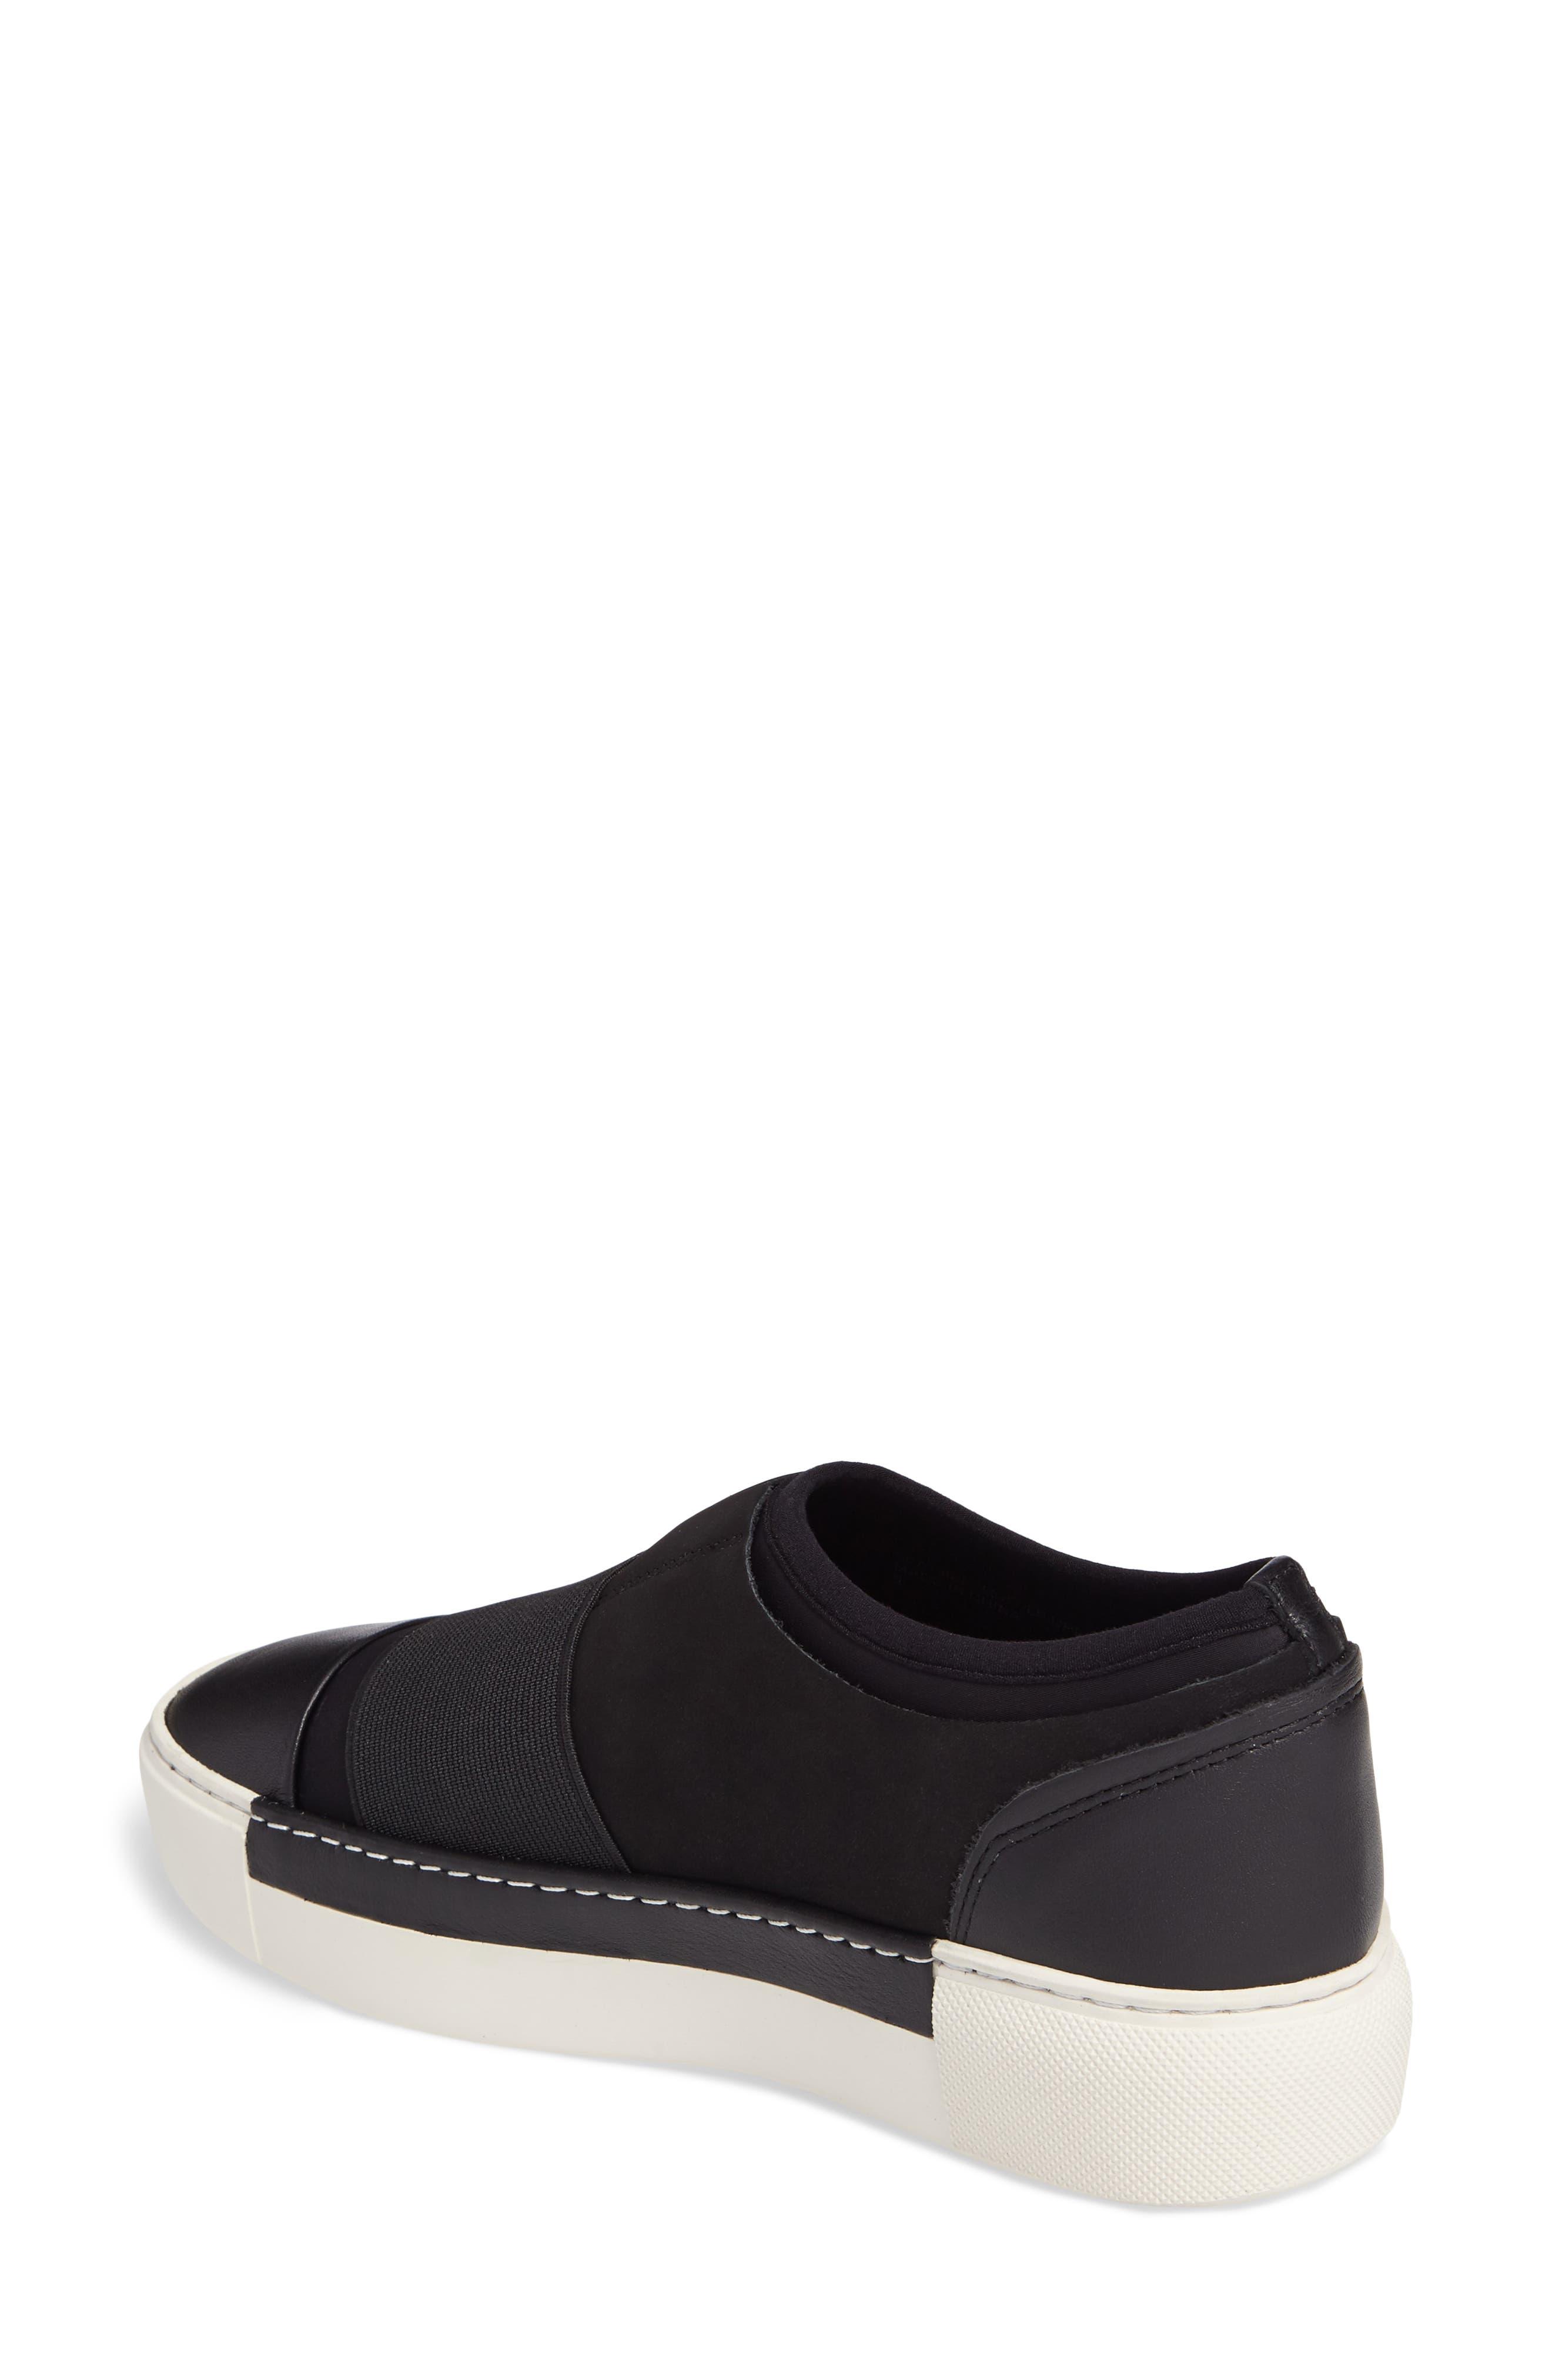 Alternate Image 2  - JSlides Voila Slip-On Sneaker (Women)